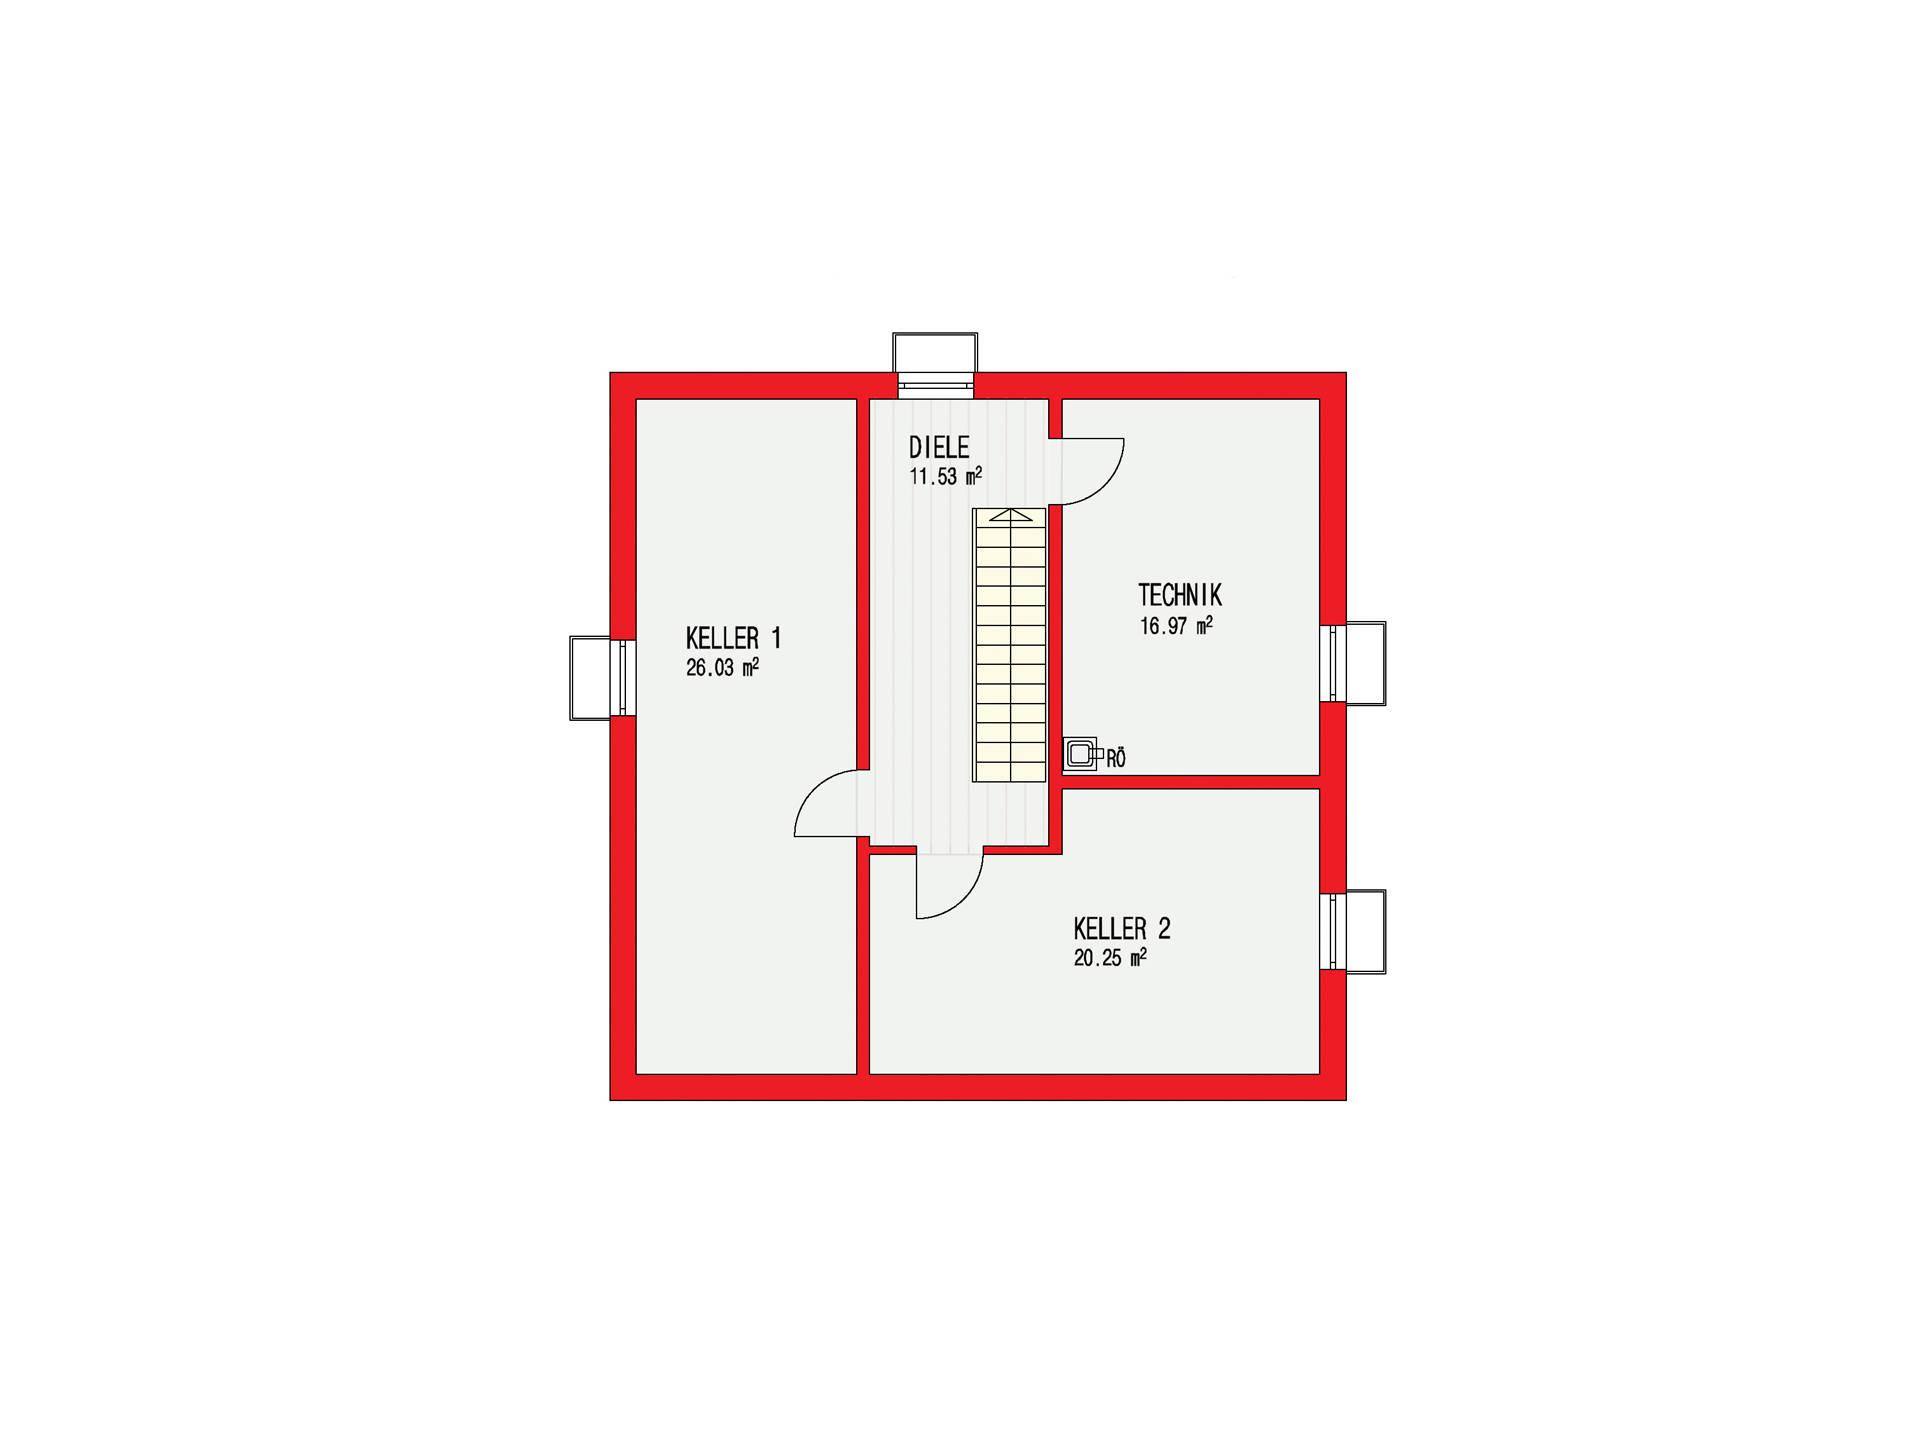 Pultdachhaus 150 d rr haus for Pultdachhaus grundriss